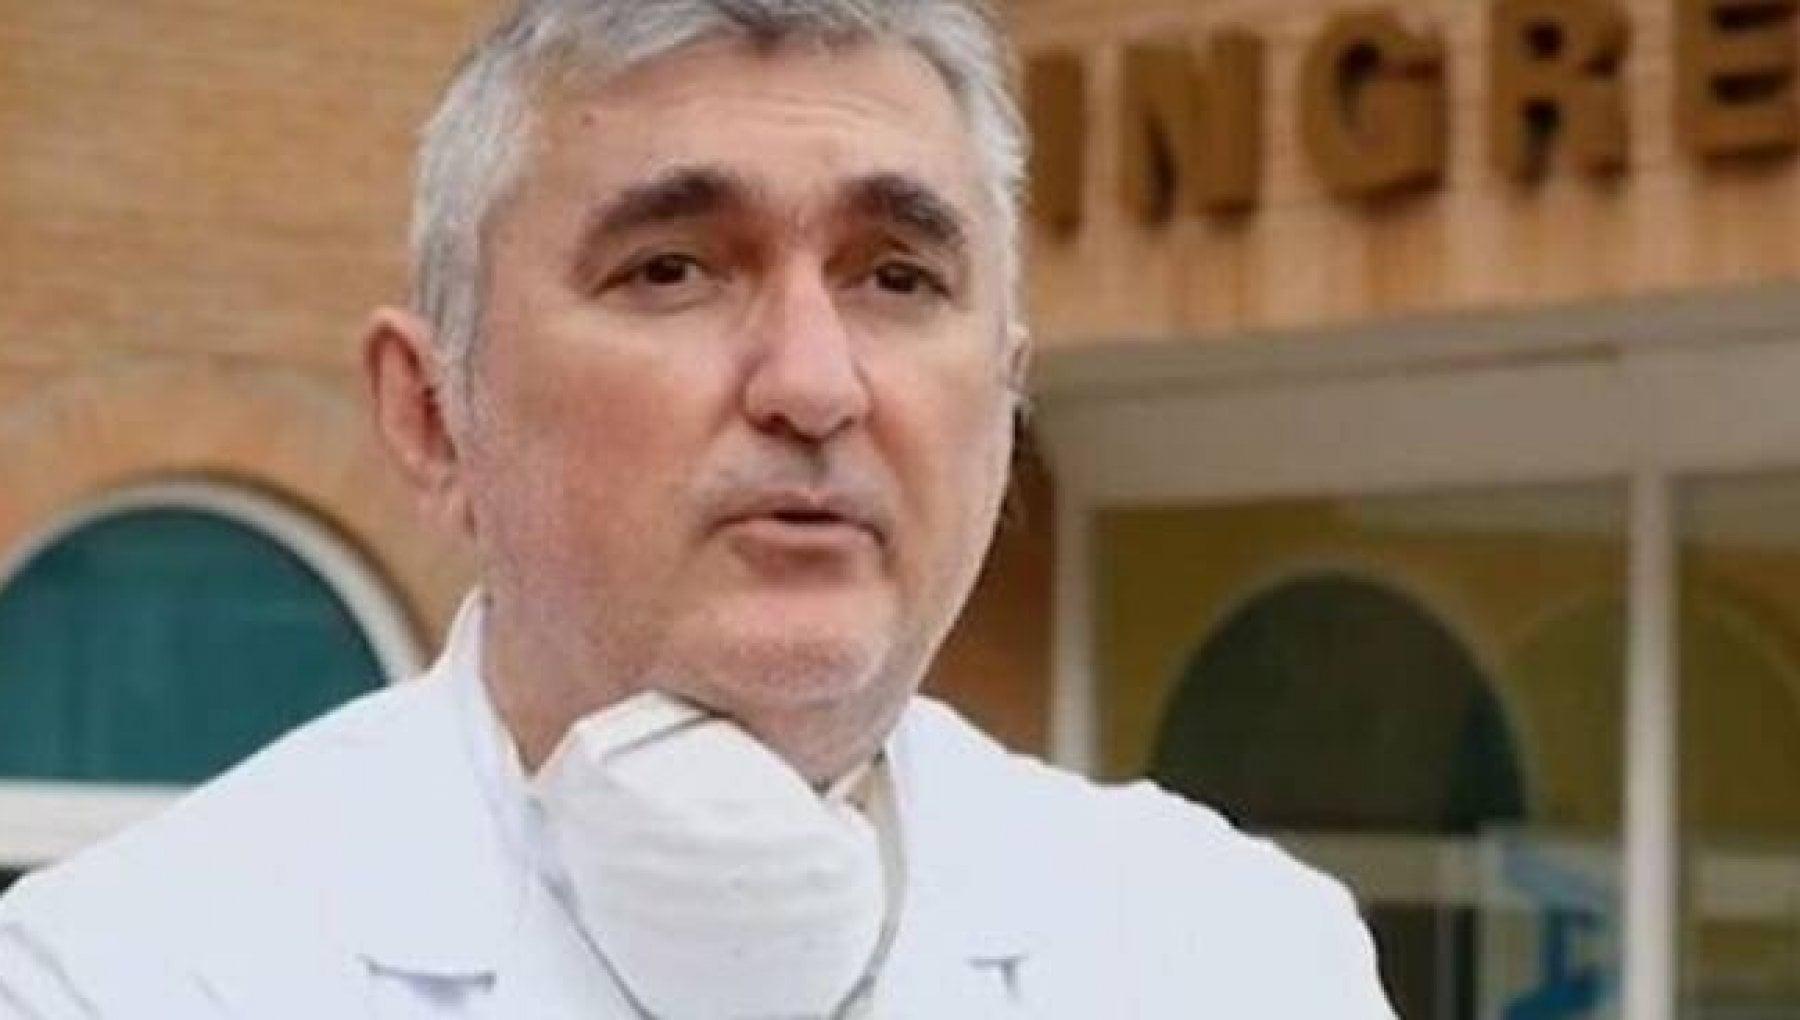 Morte di un medico per mano della falsa scienza